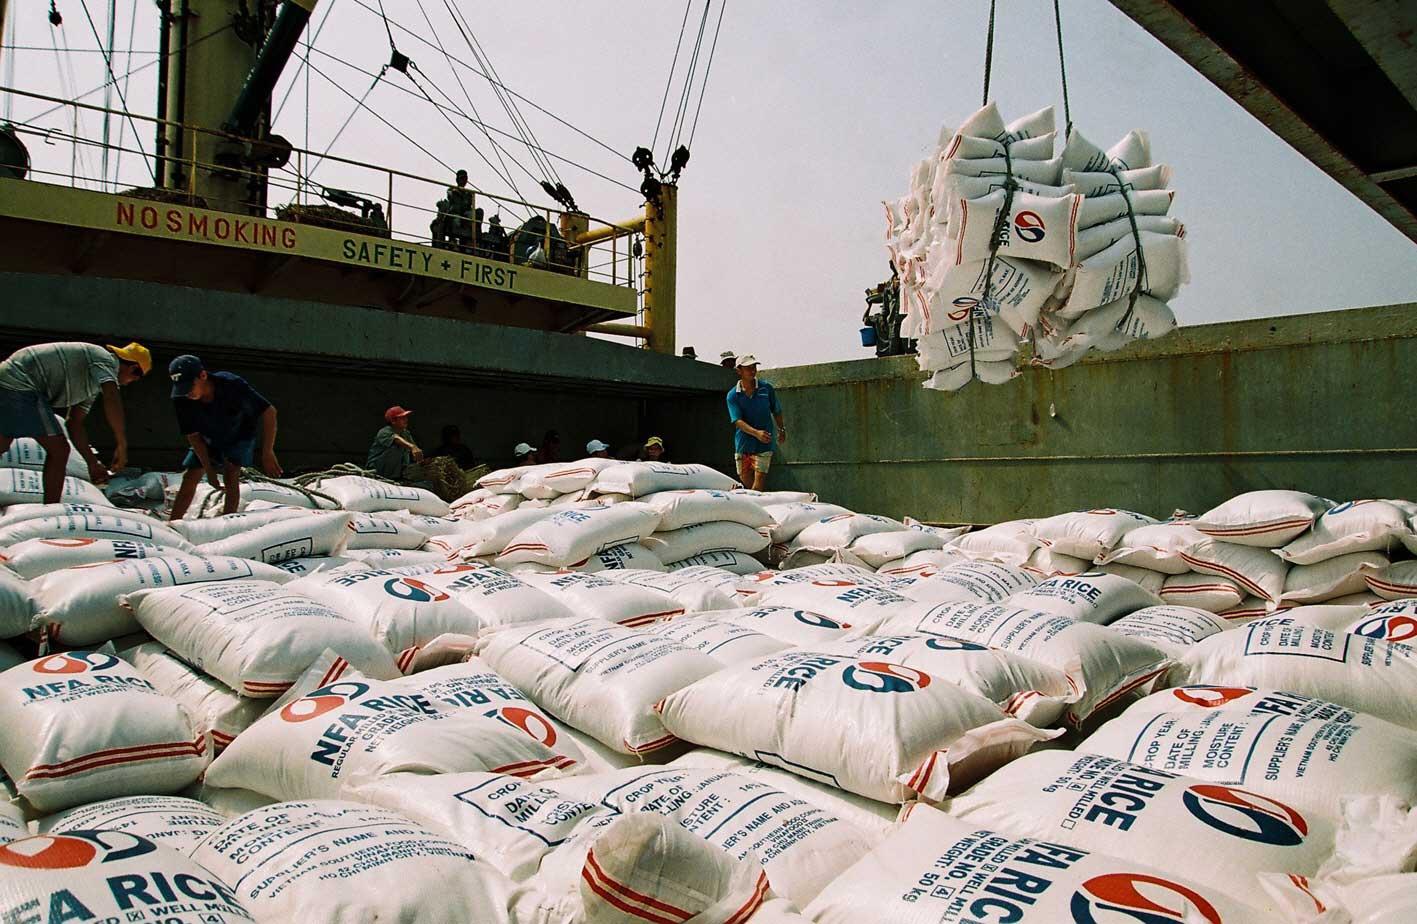 Gạo Việt Nam đang bị cạnh tranh quyết liệt không chỉ từ Thái Lan, Ấn Độ mà mới xuất hiện các đối thủ cạnh tranh xuất khẩu gạo từ các nước như Myanmar, Campuchia...